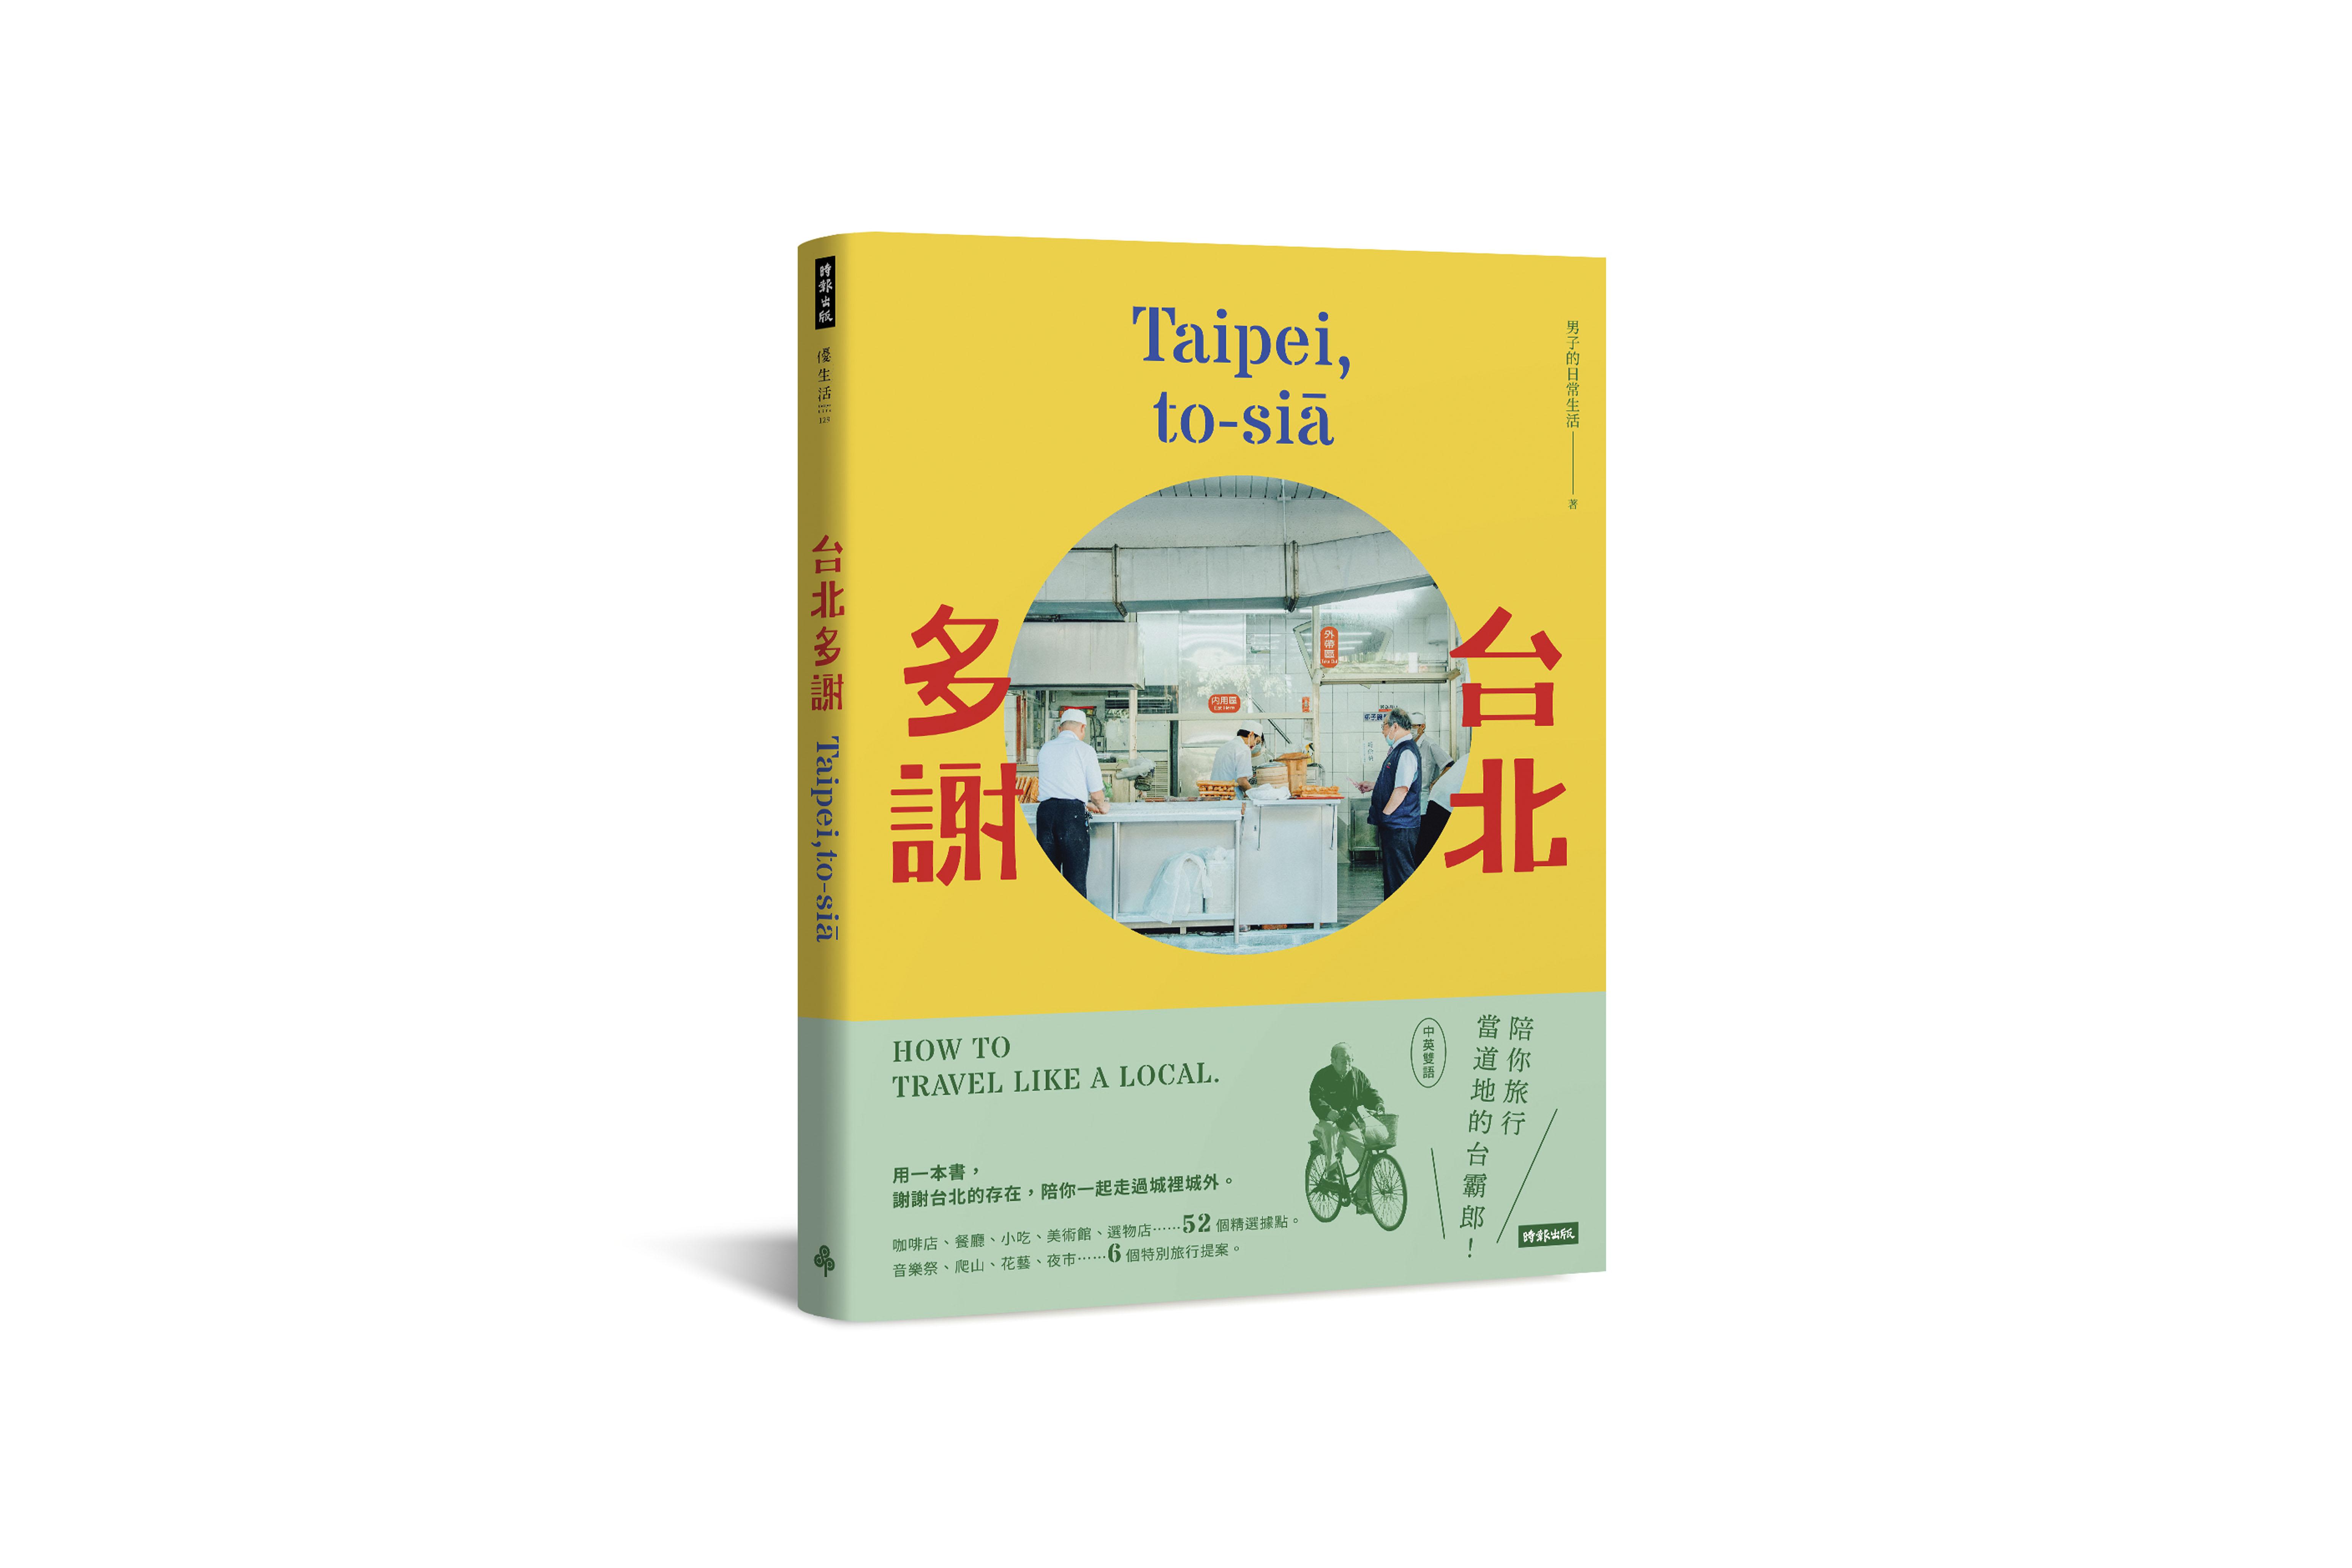 《台北多謝(to-siā)》中英雙語|阿娥水餃